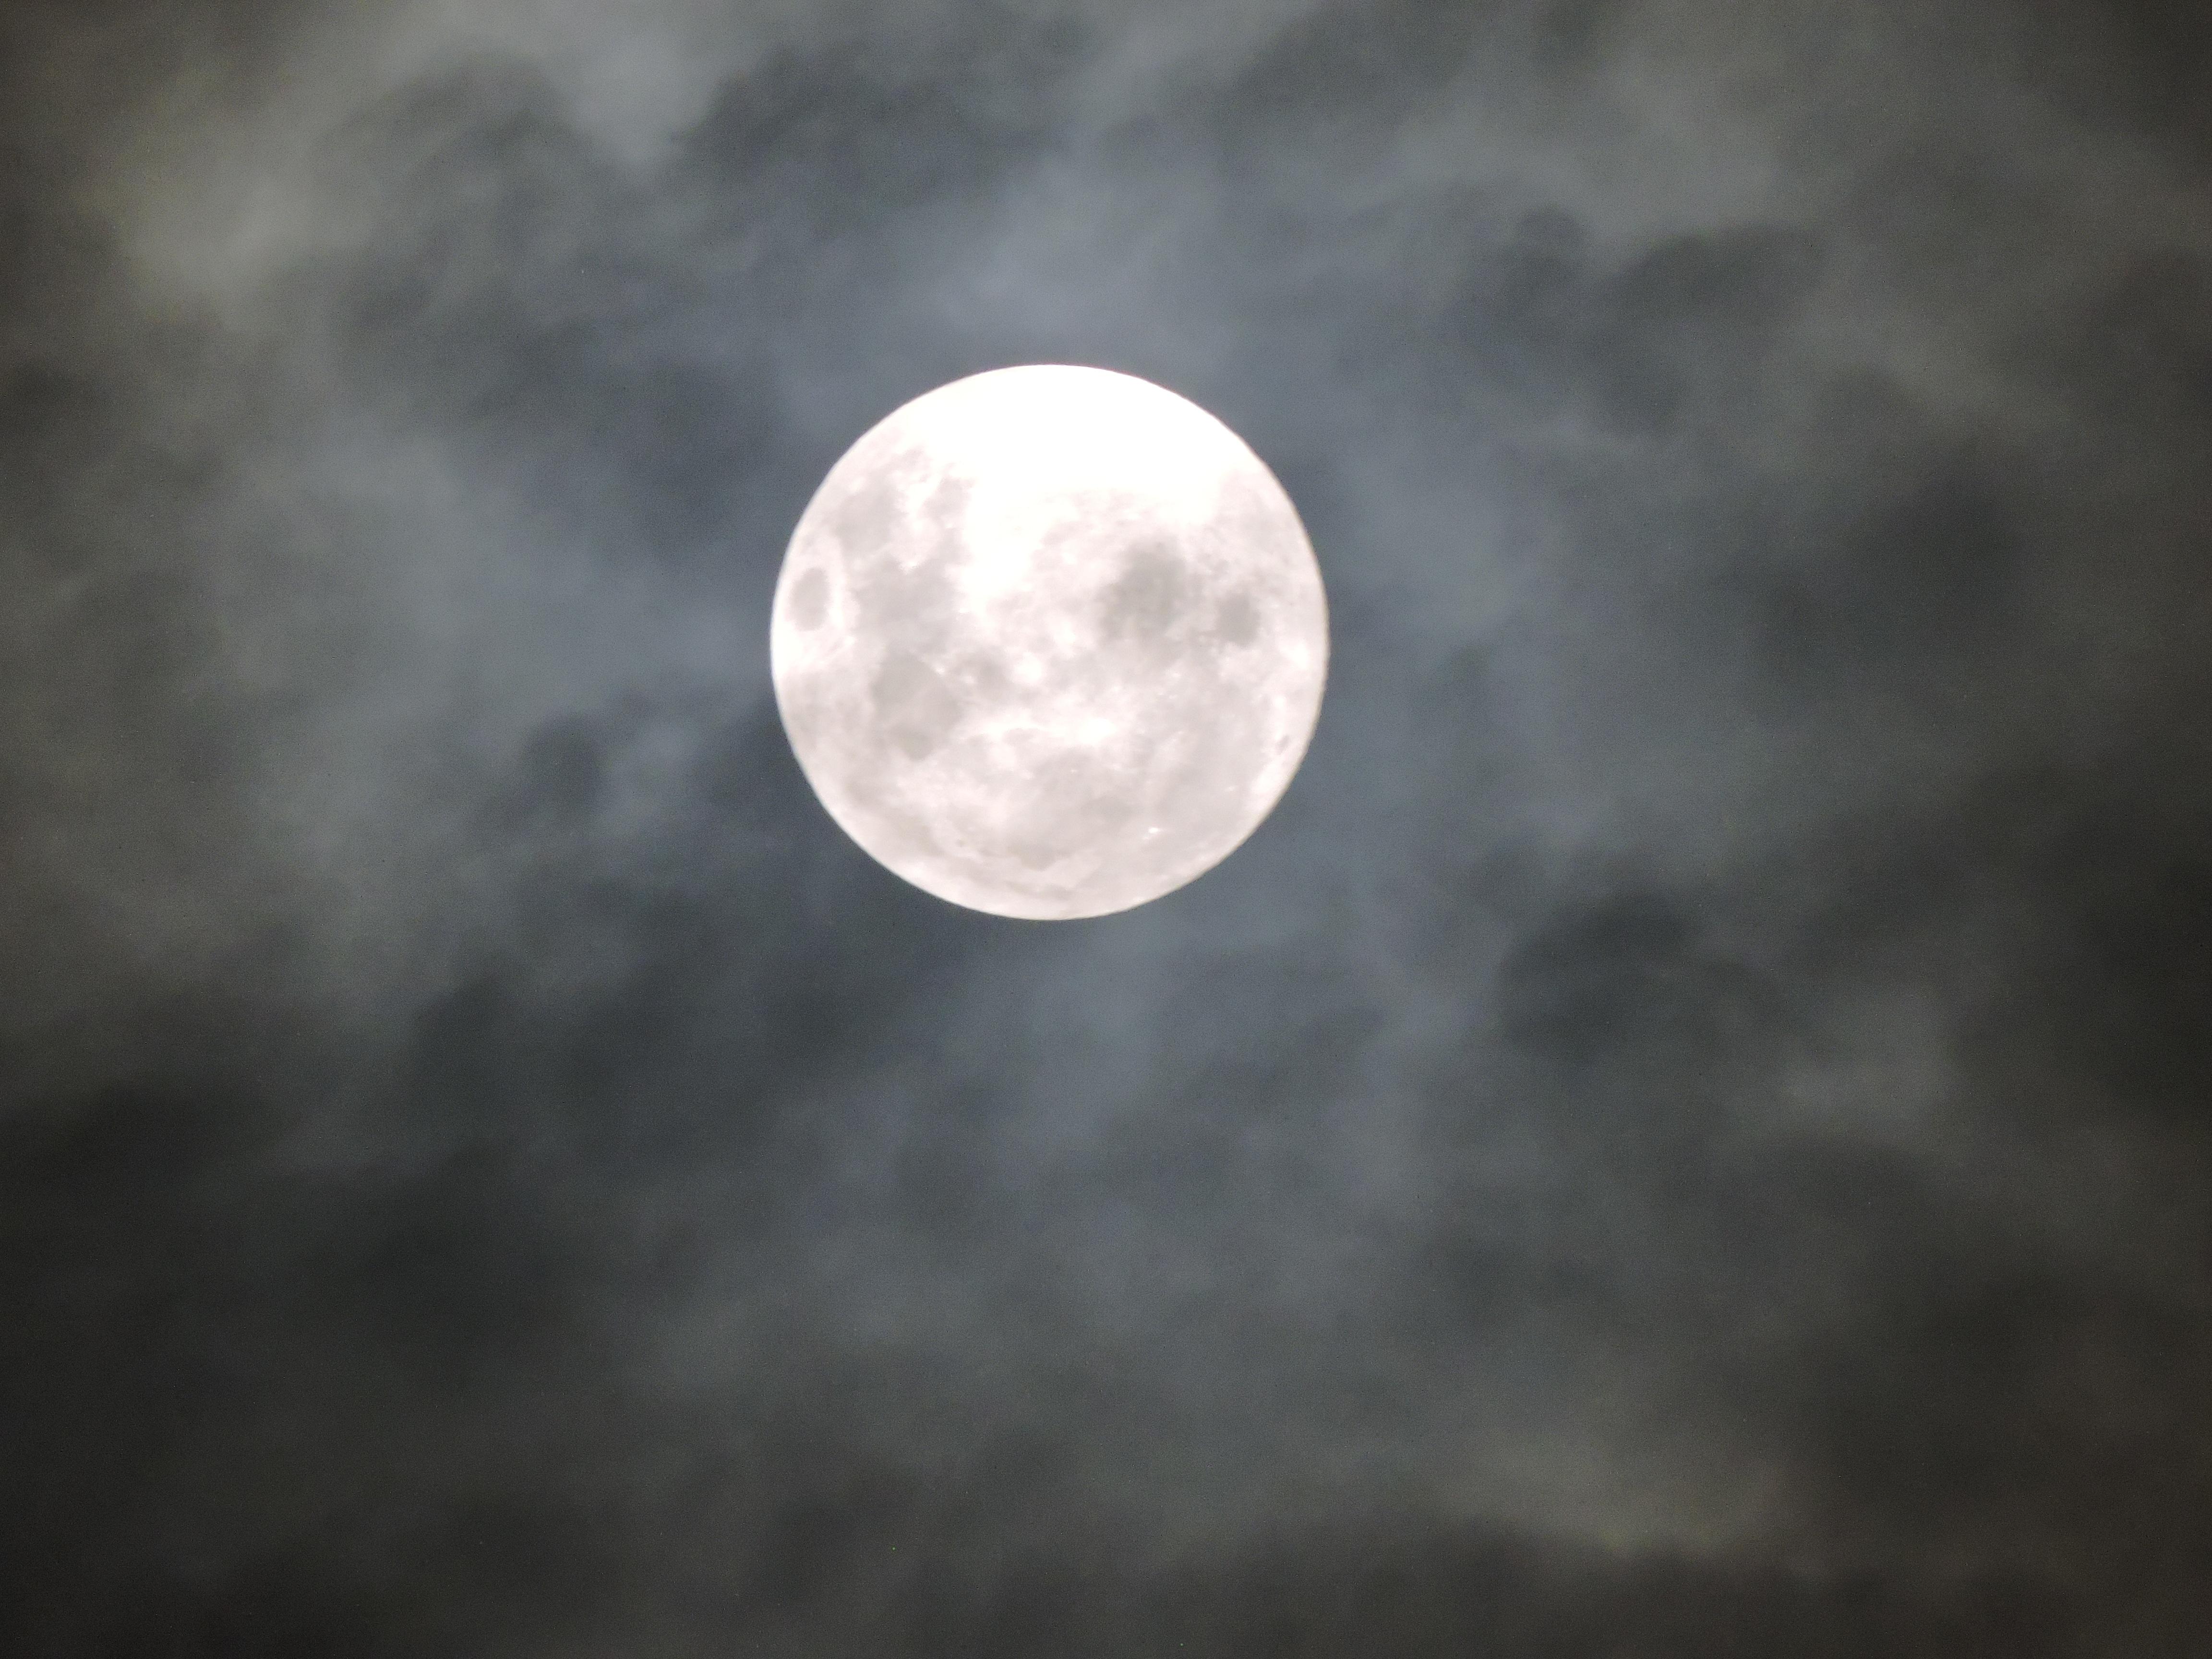 какой бороде фотография луны в облаках состоялась севастополе